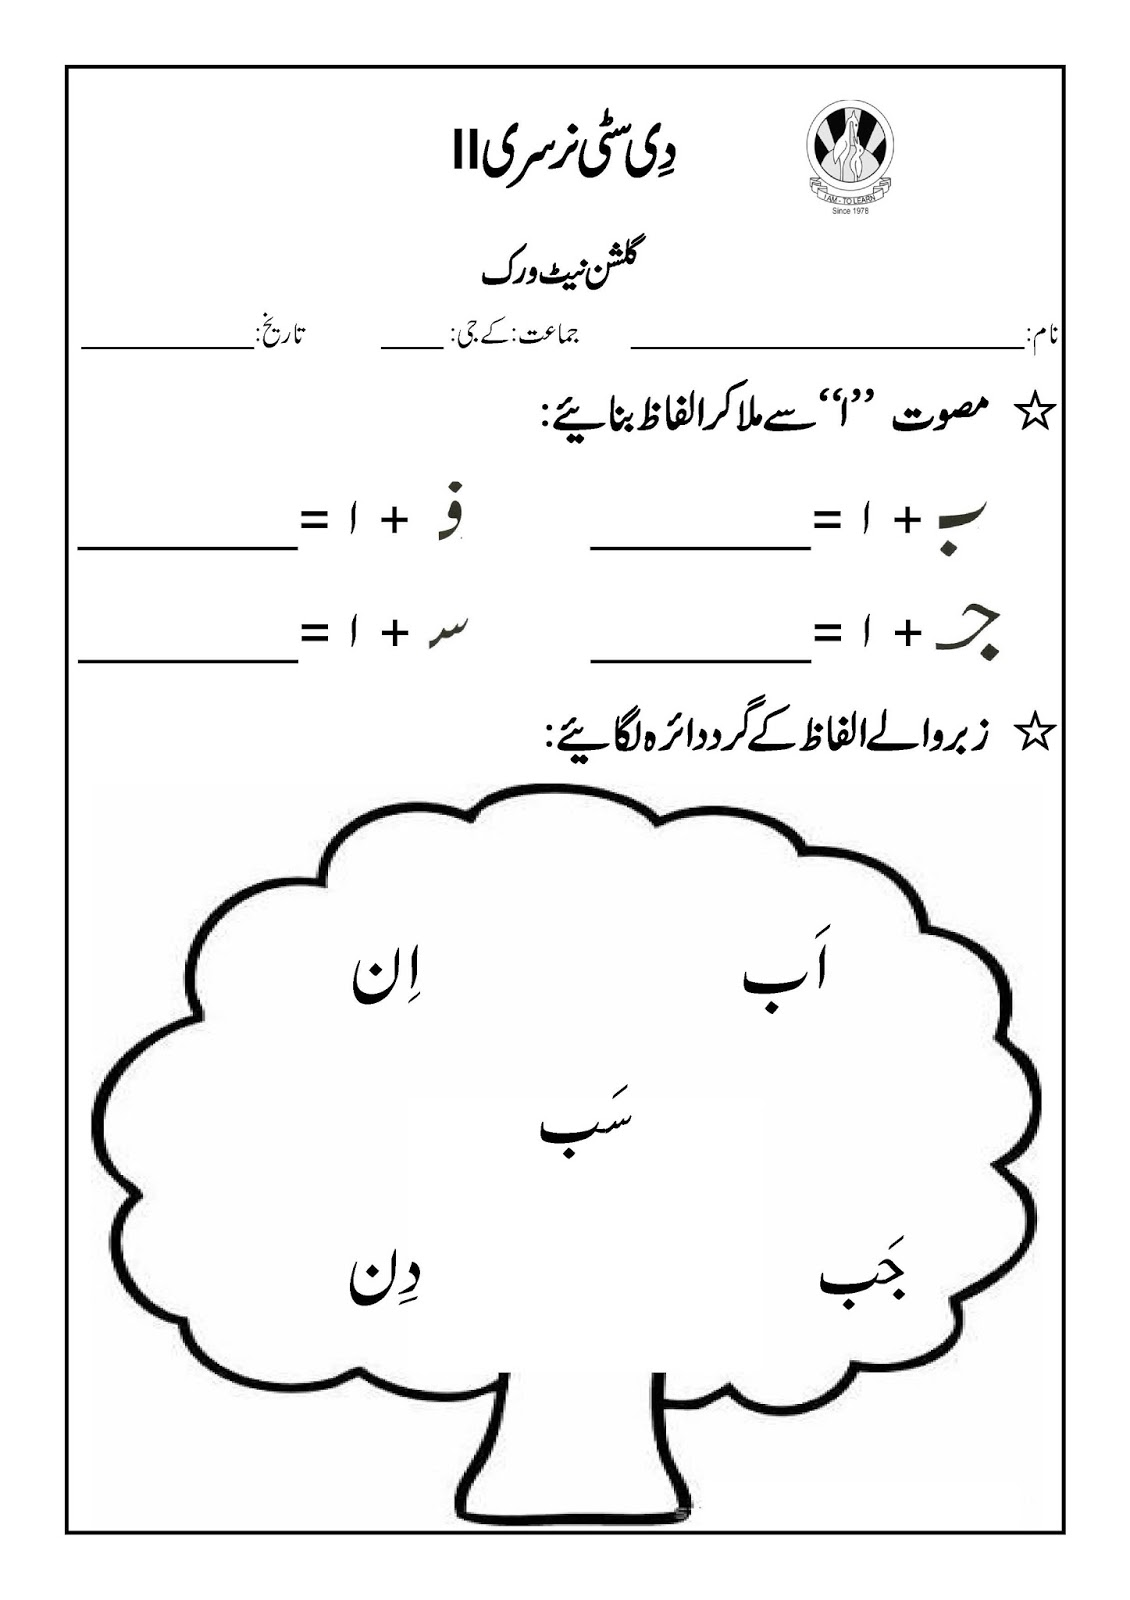 medium resolution of Tafheem Worksheets In Urdu   Printable Worksheets and Activities for  Teachers